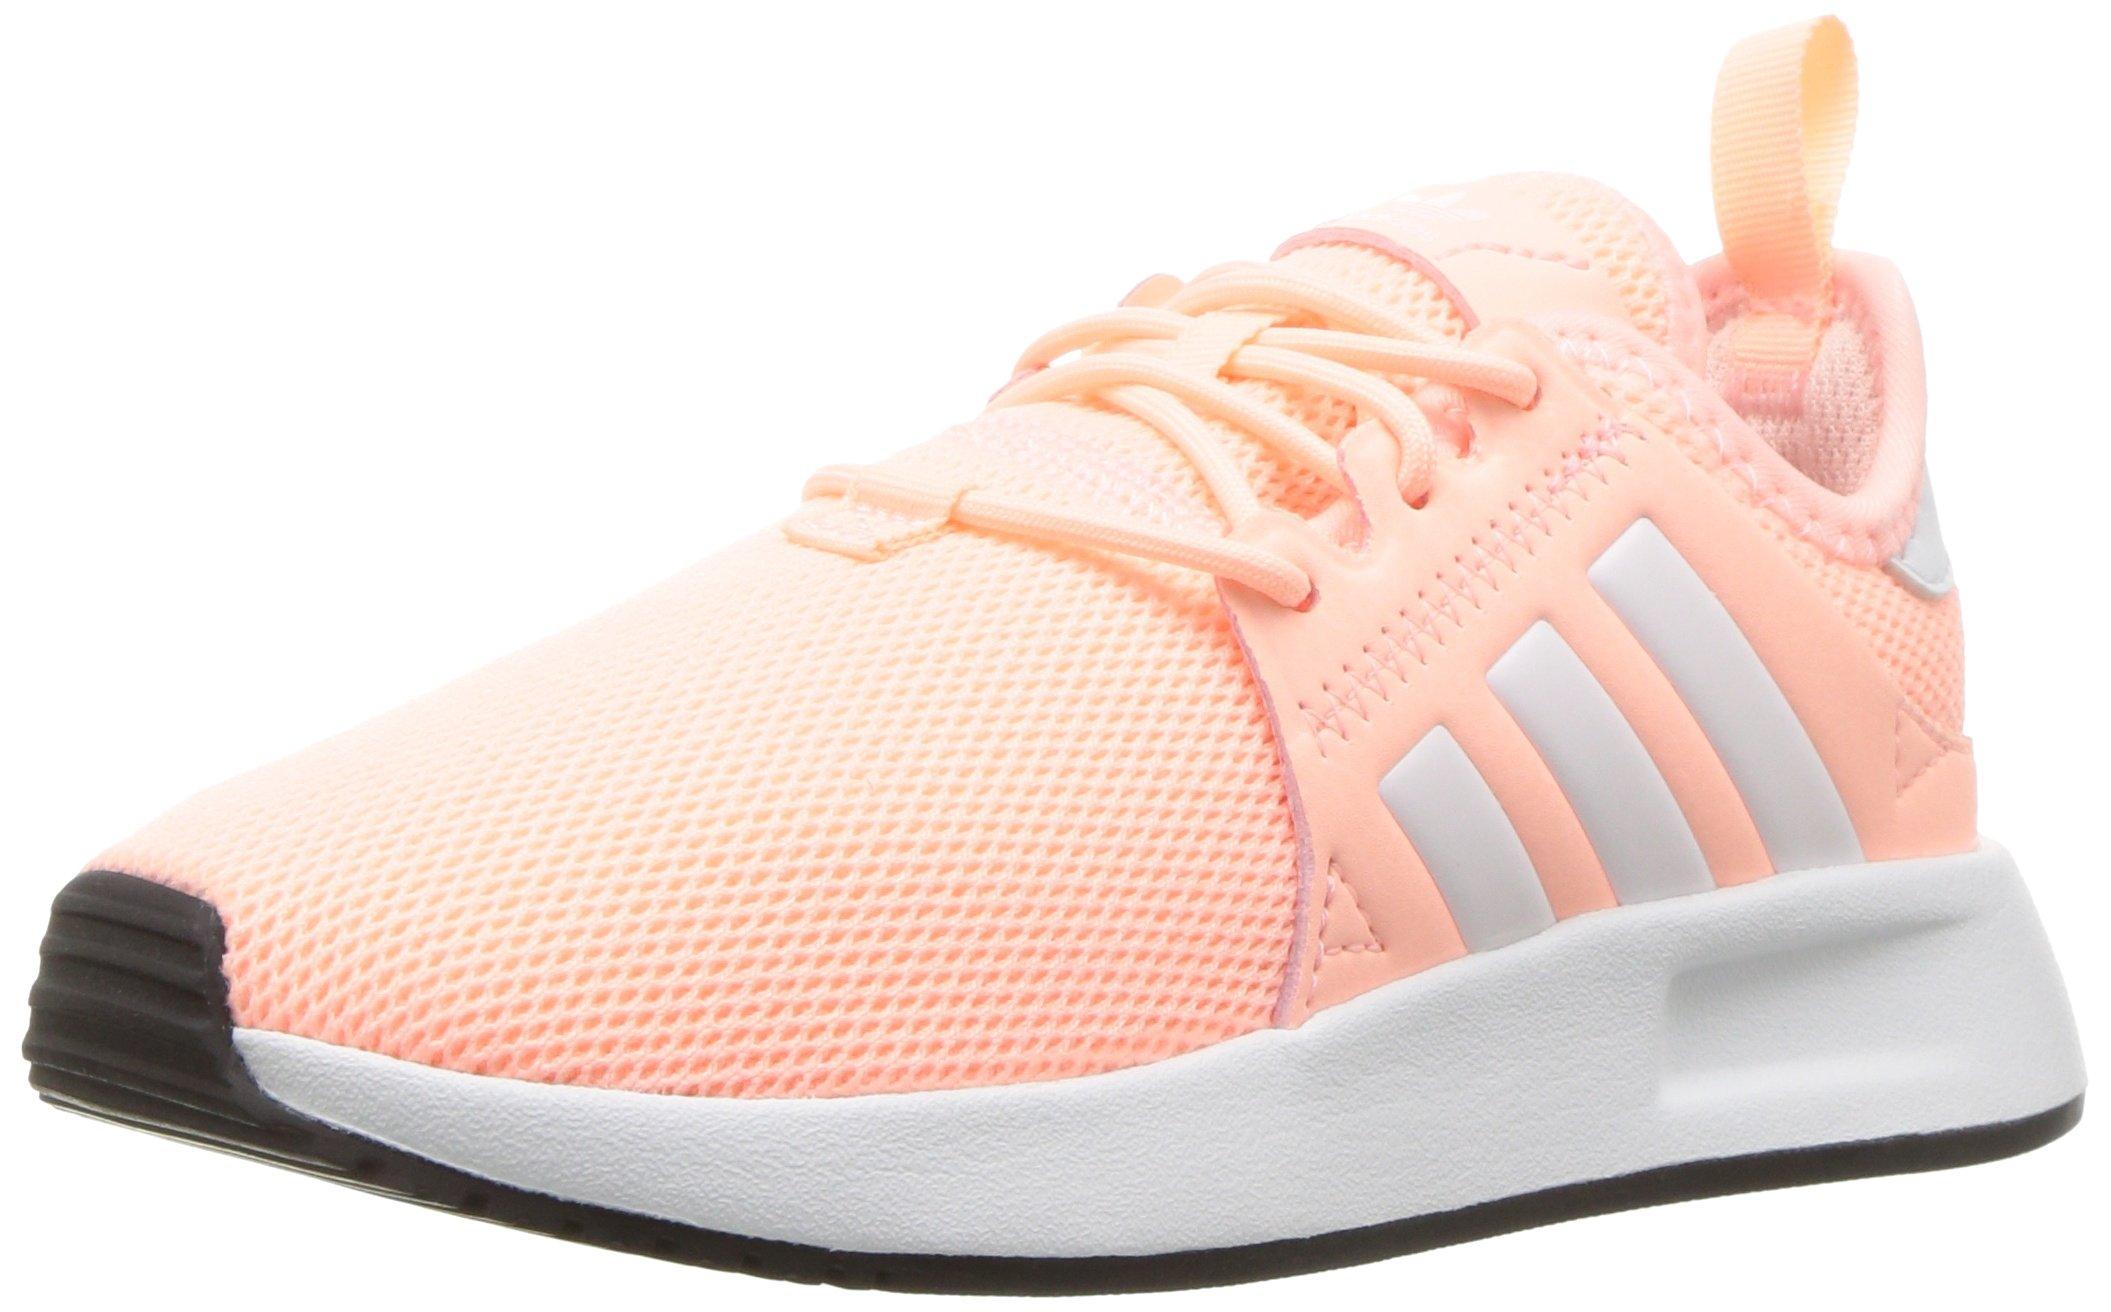 adidas Originals Unisex X_PLR Running Shoe, Clear Orange White, 12.5K M US Little Kid